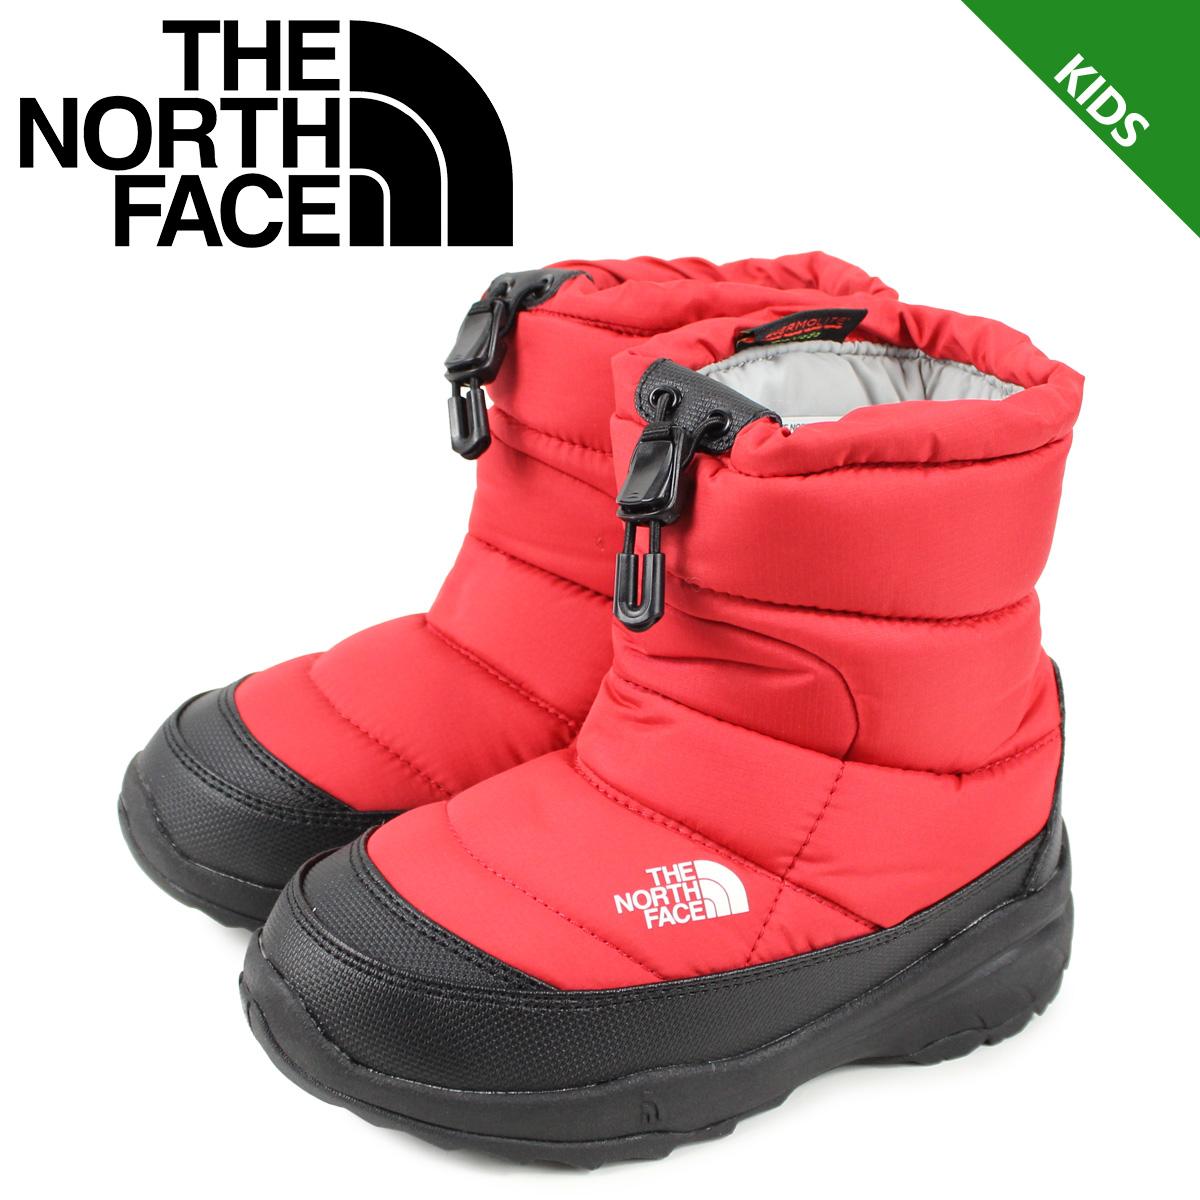 ノースフェイス THE NORTH FACE ヌプシ ブーティー ウォータープルーフ ブーツ キッズ K NUPTSE BOOTIE WP レッド NFJ51980